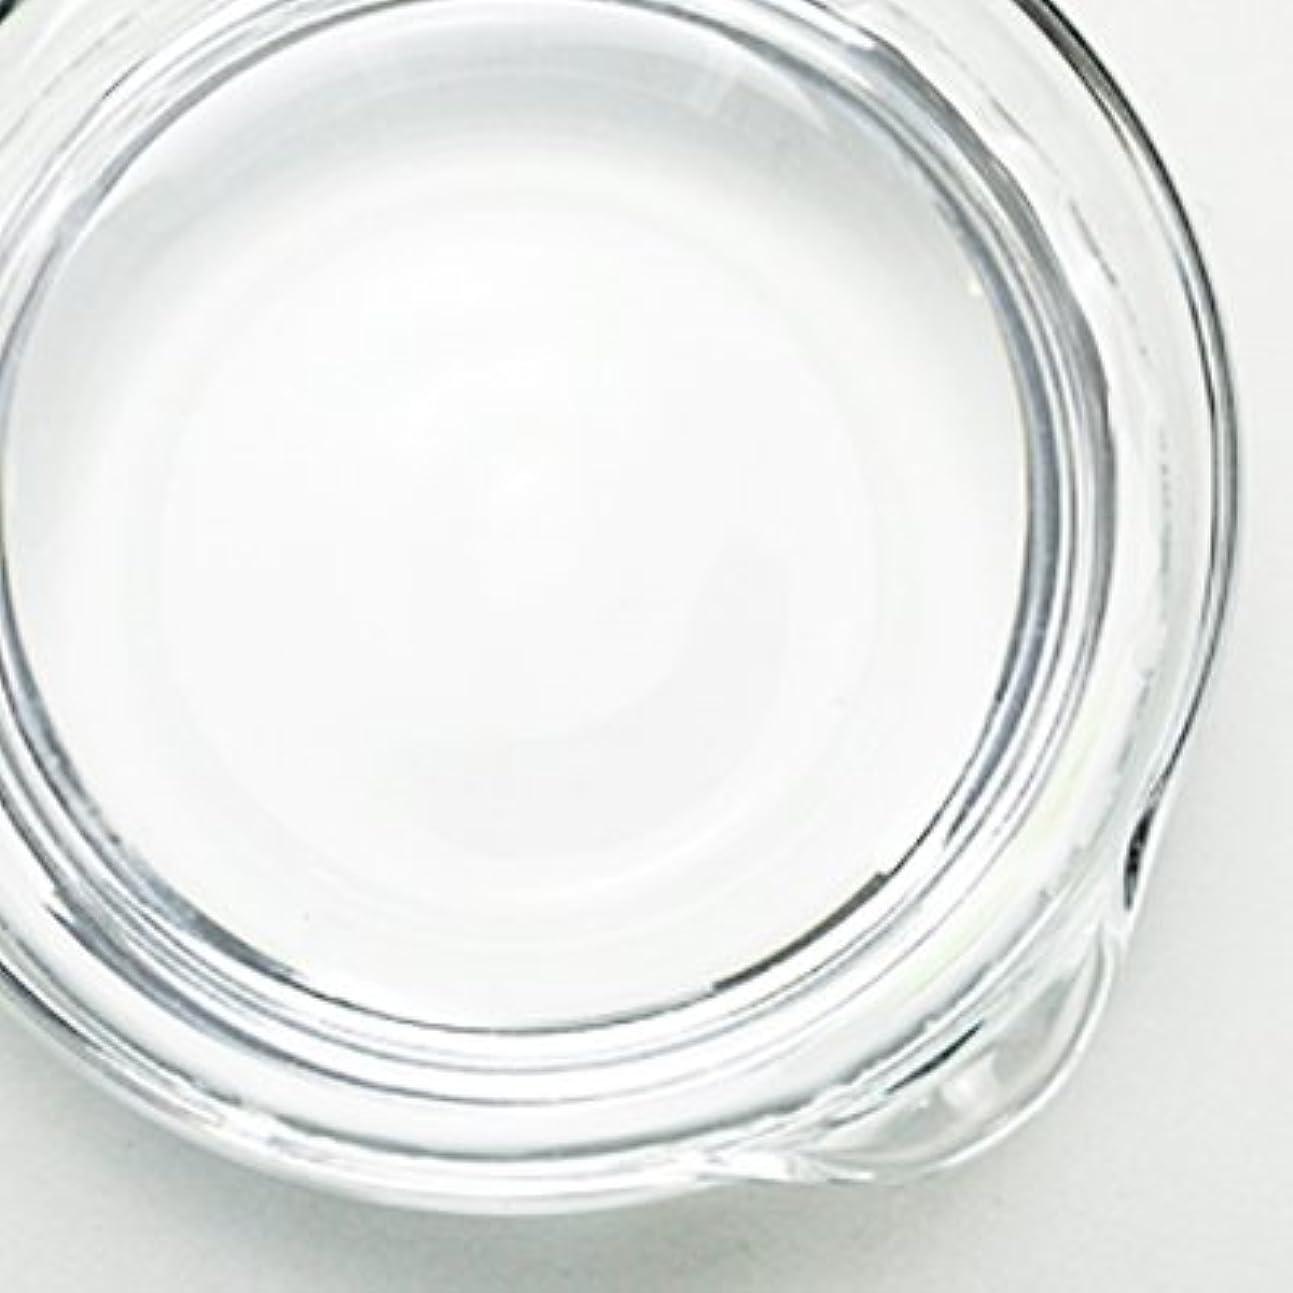 信頼できるテザー迷信1,3-ブチレングリコール[BG] 100ml 【手作り石鹸/手作りコスメ】